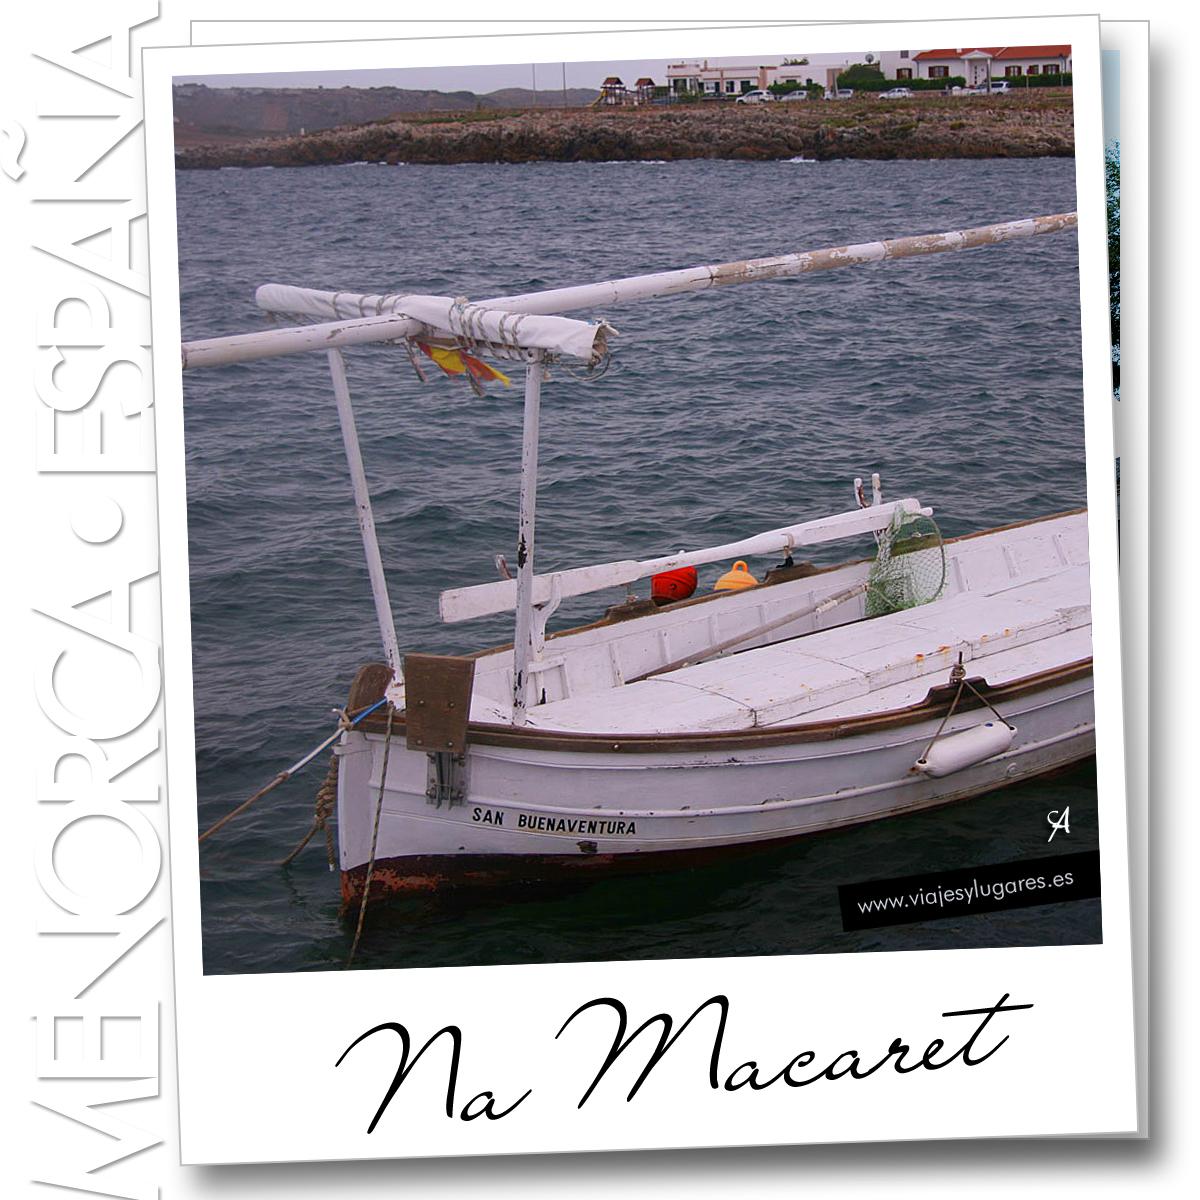 Na Macaret en Menorca